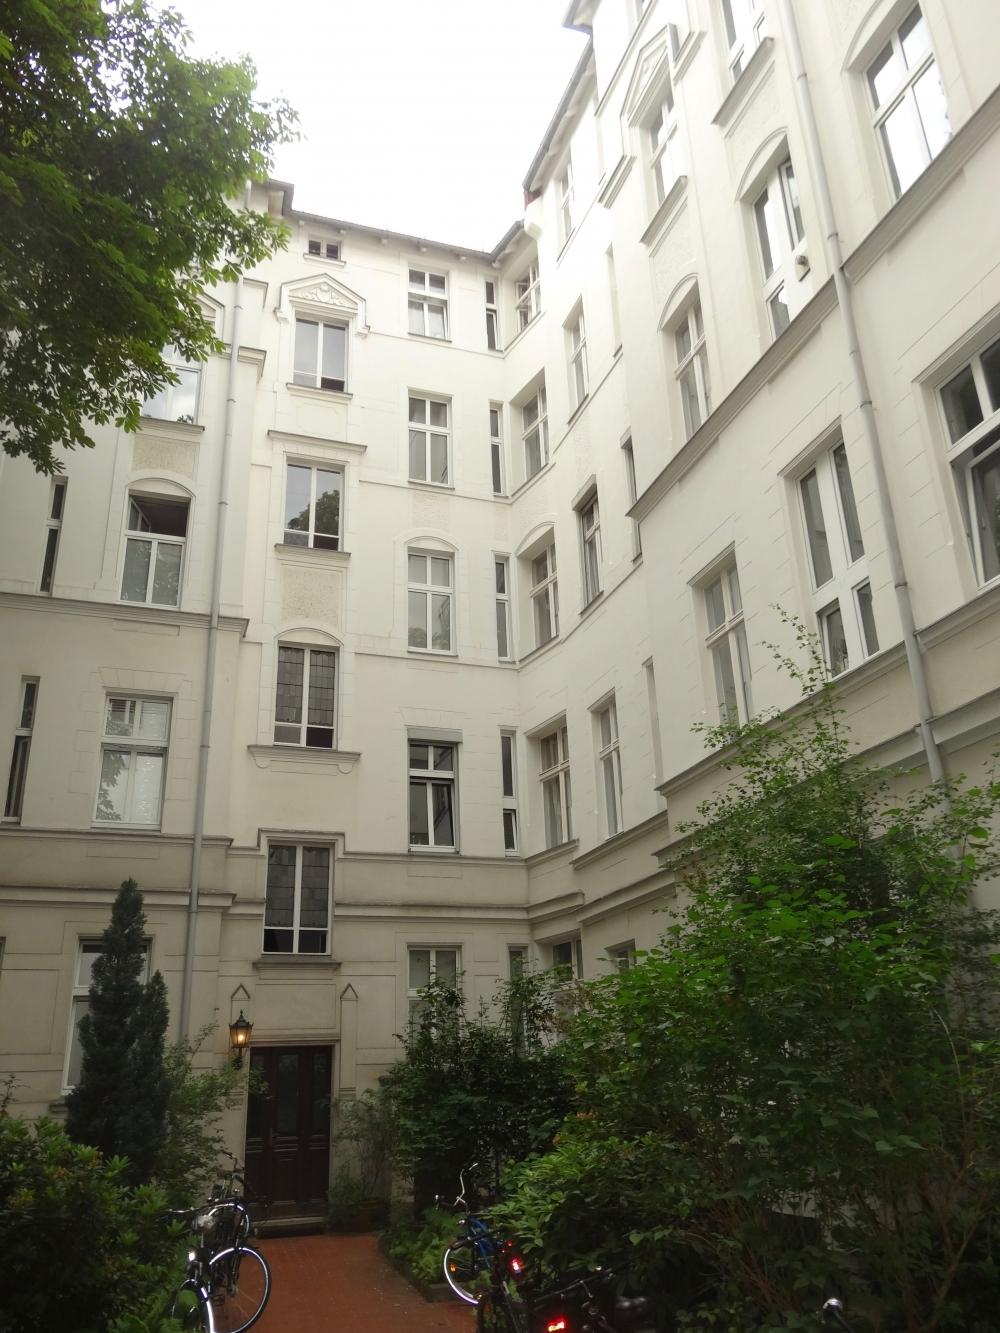 Innenhof Fassade